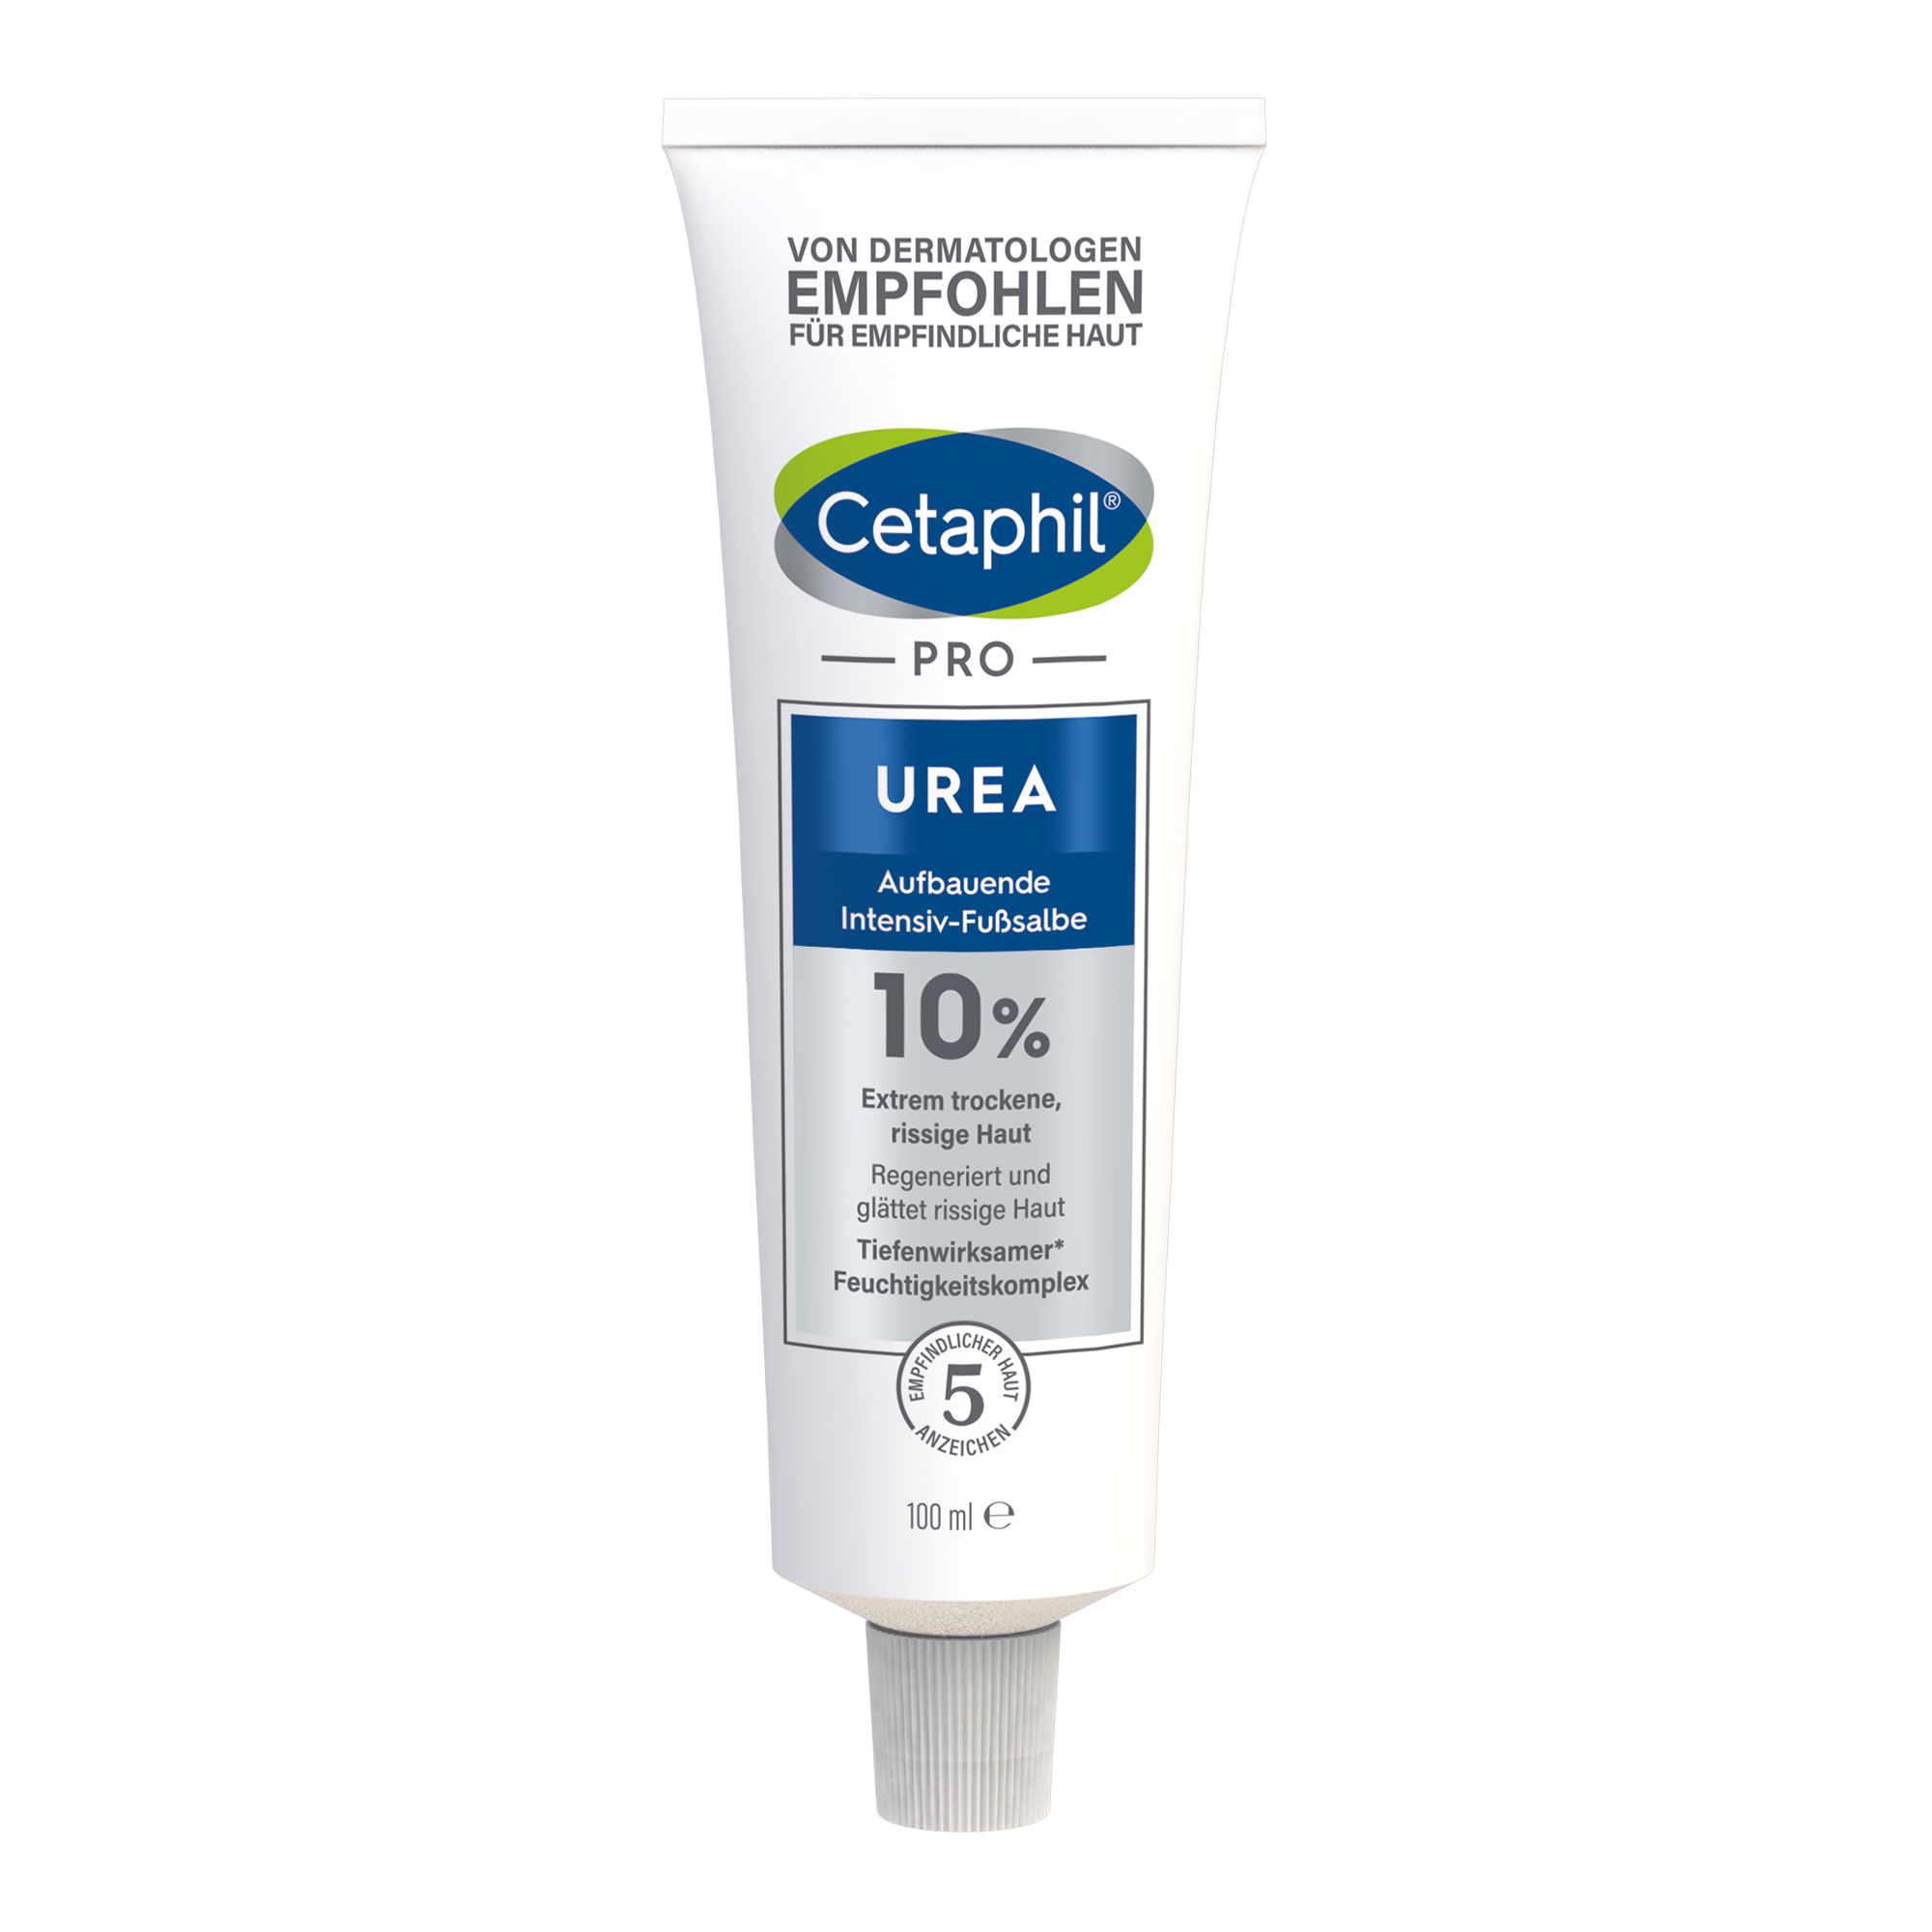 Cetaphil Pro Urea 10% Fußsalbe